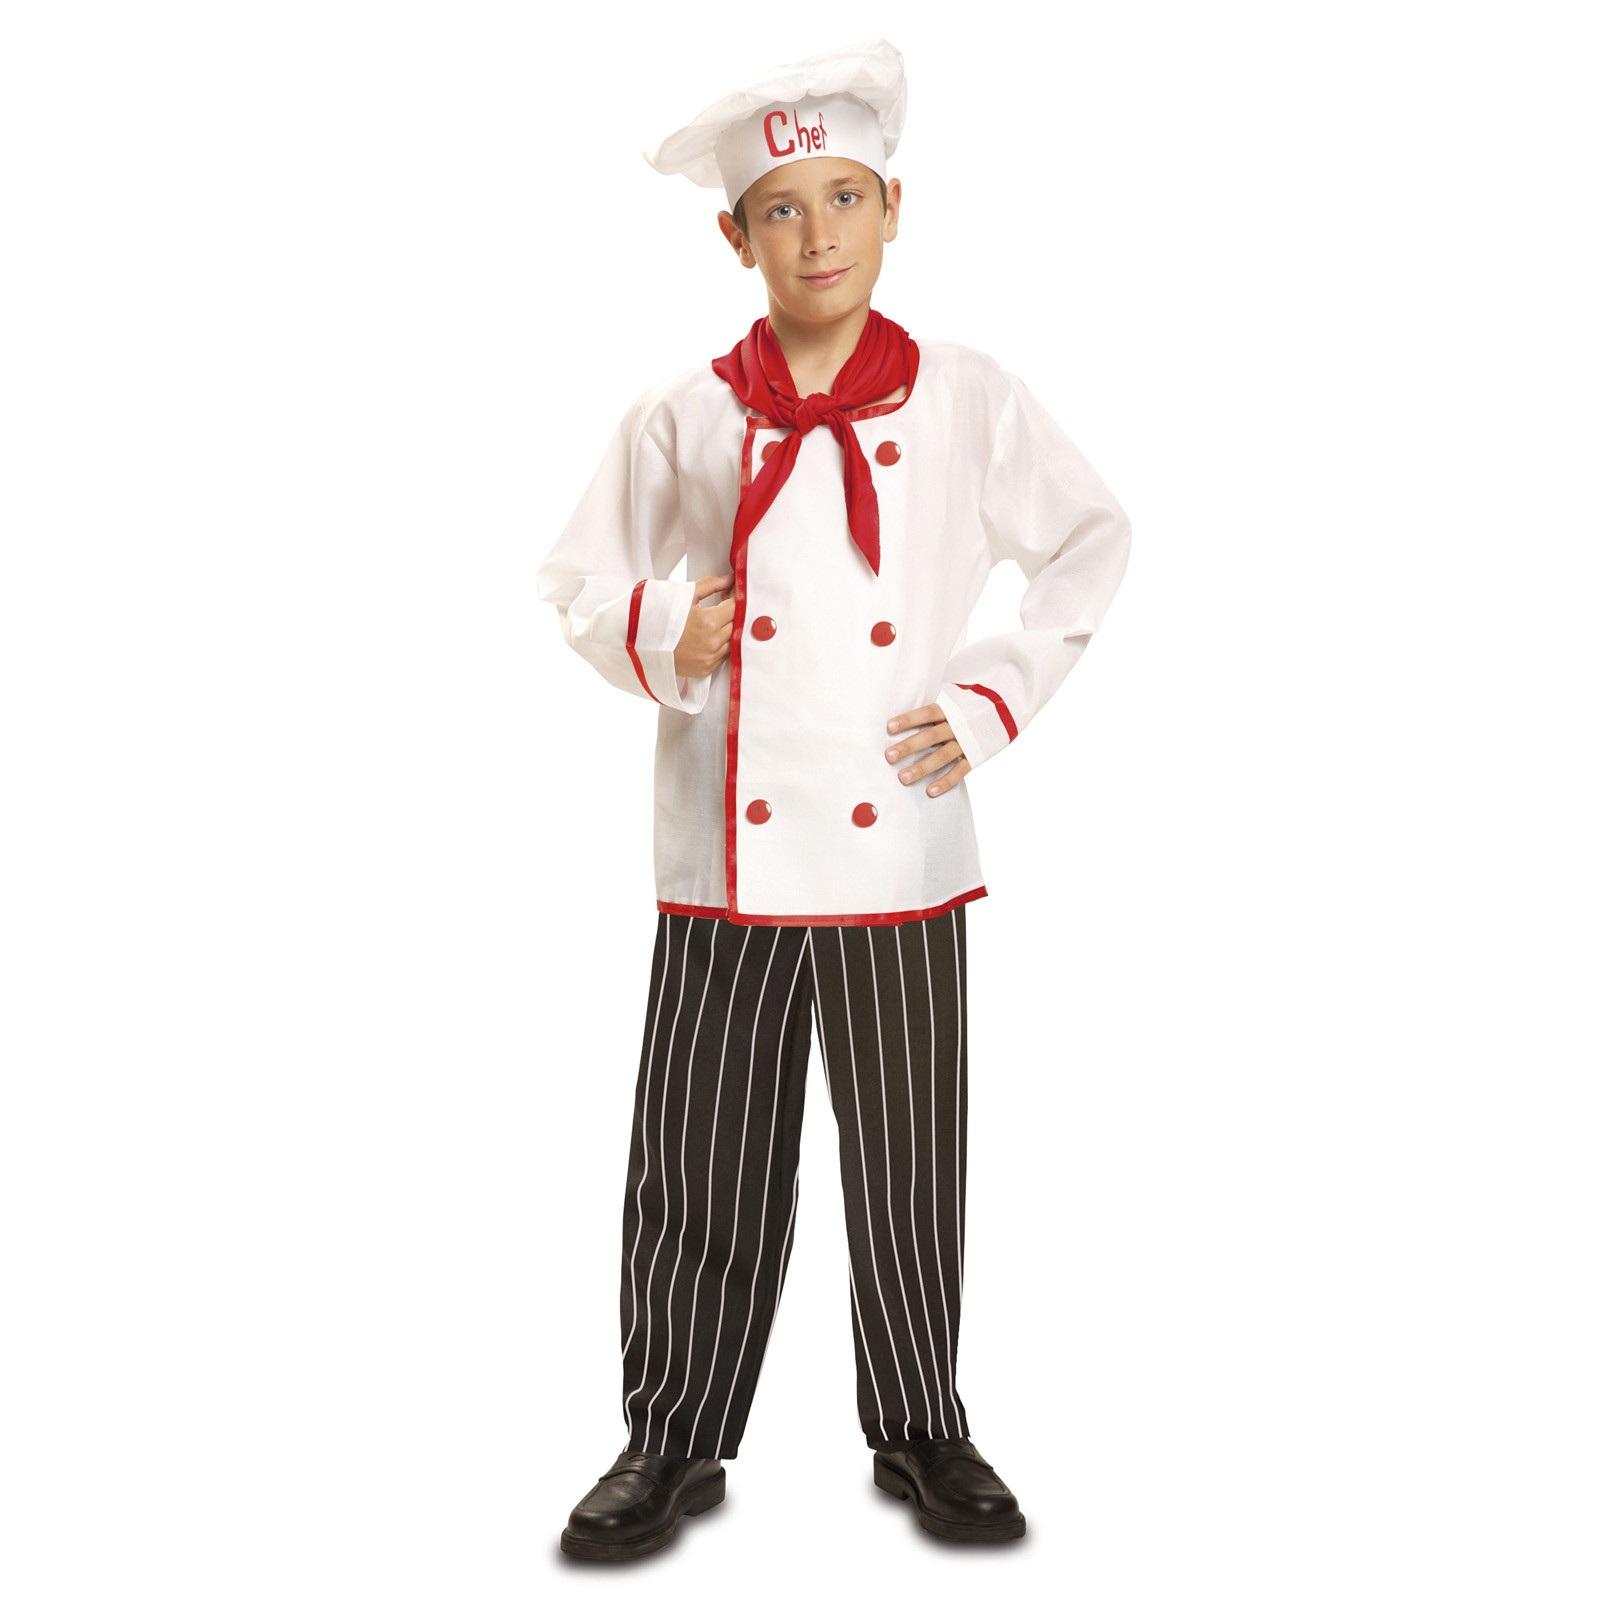 disfraz de cocinero niño 200957mom - DISFRAZ DE COCINERO  NIÑO